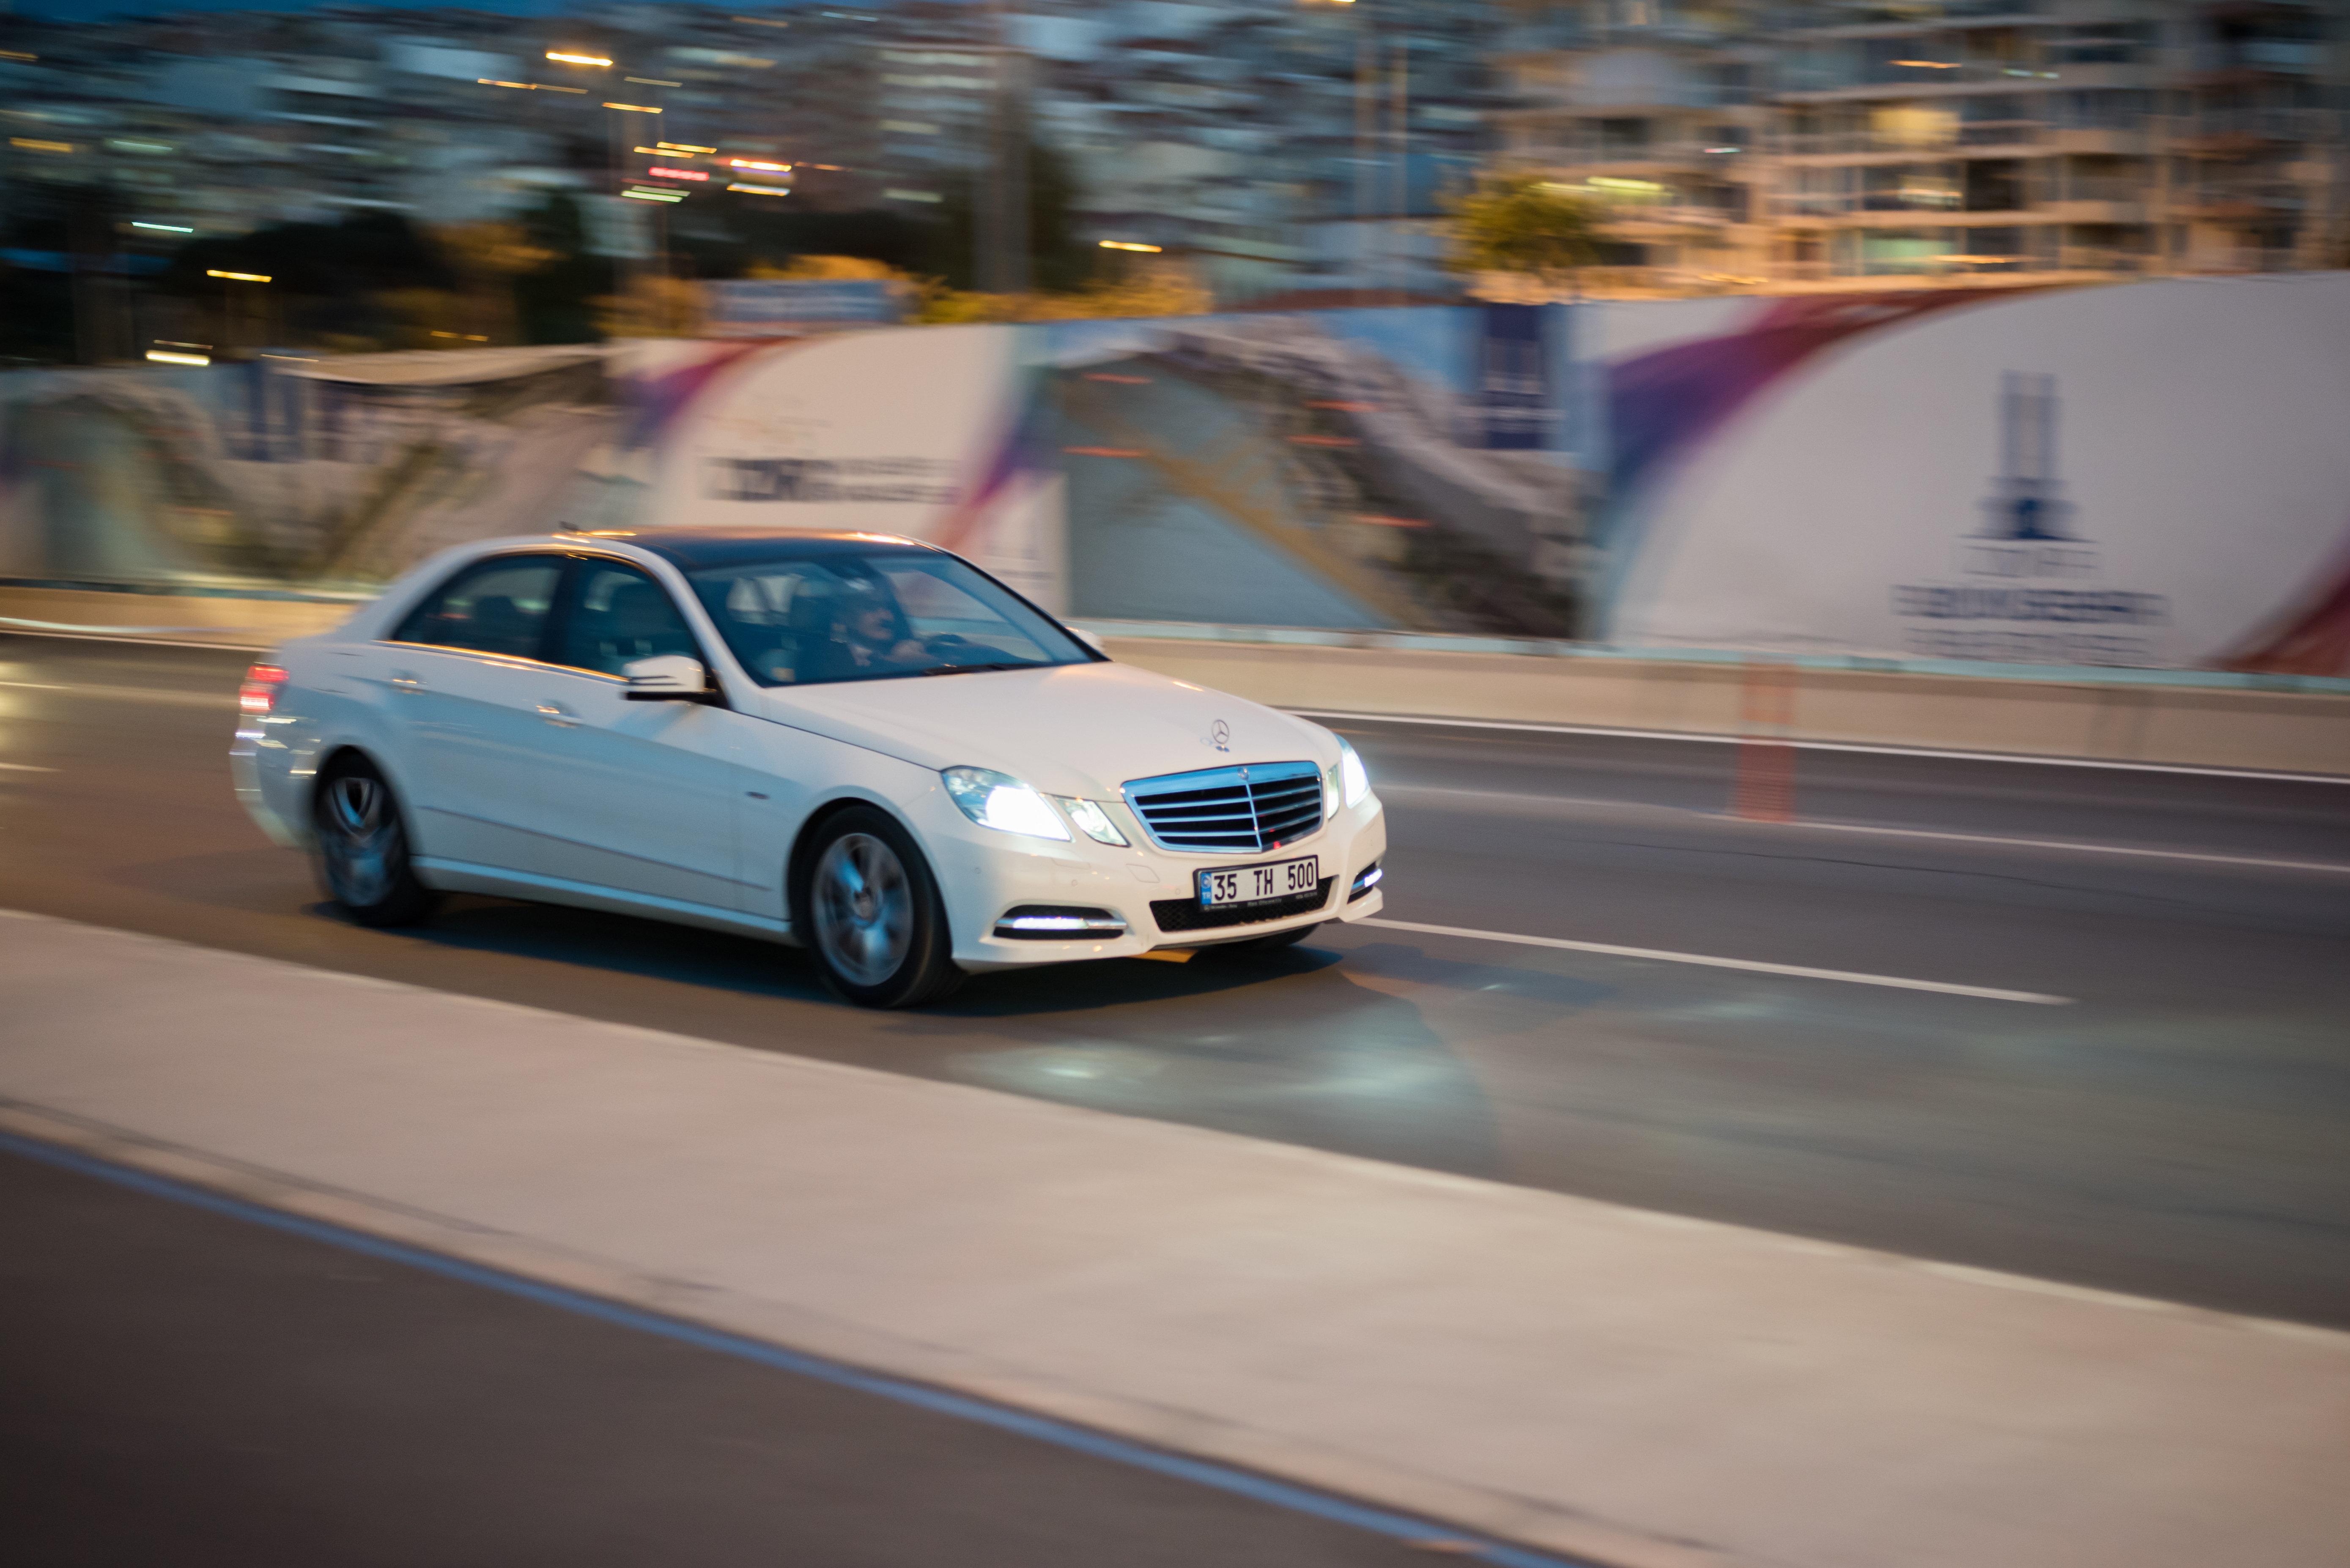 Tunisie: Portrait de maire avec voiture de